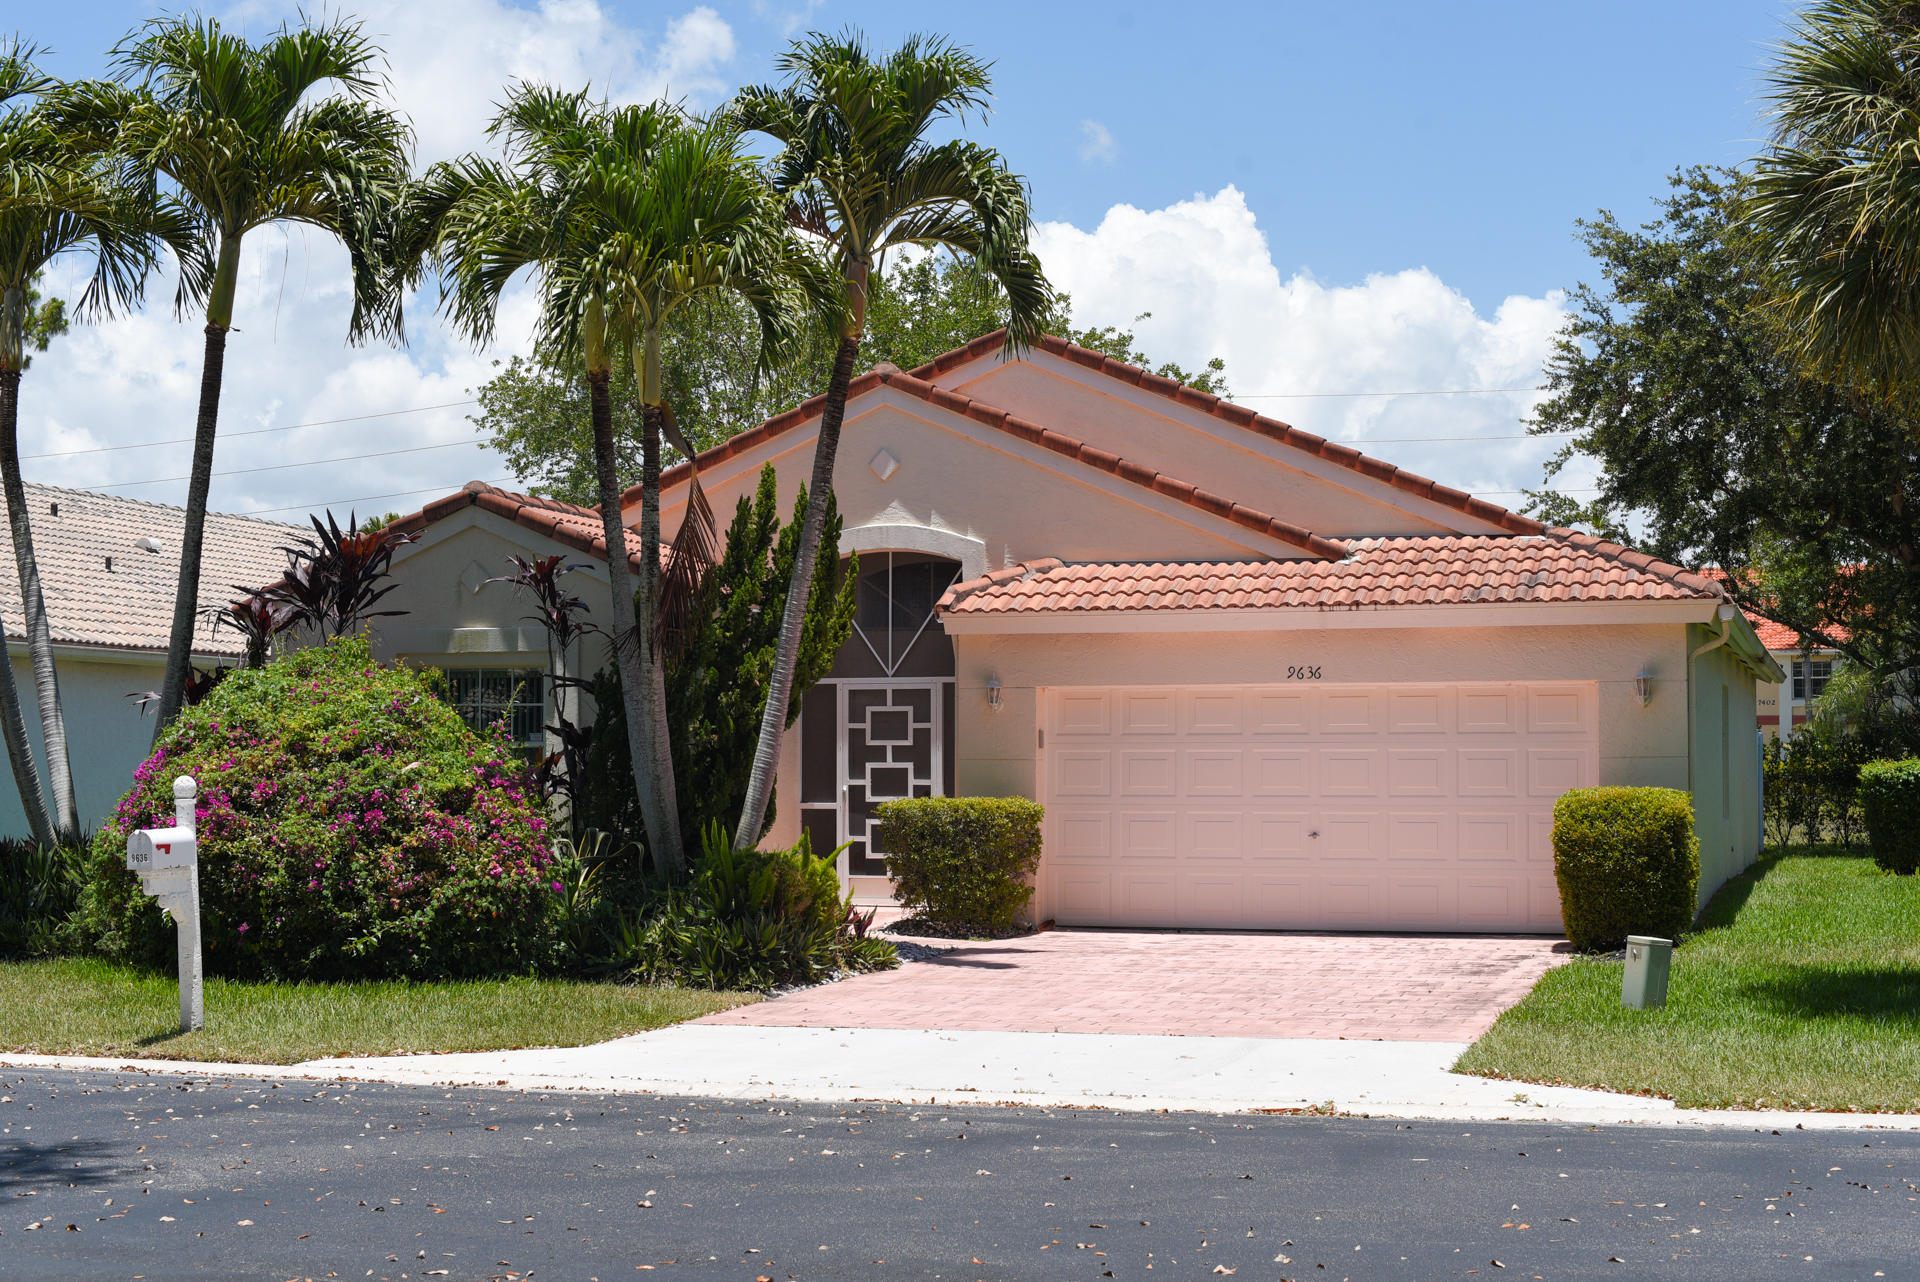 9636 Arbor View Drive Boynton Beach, FL 33437